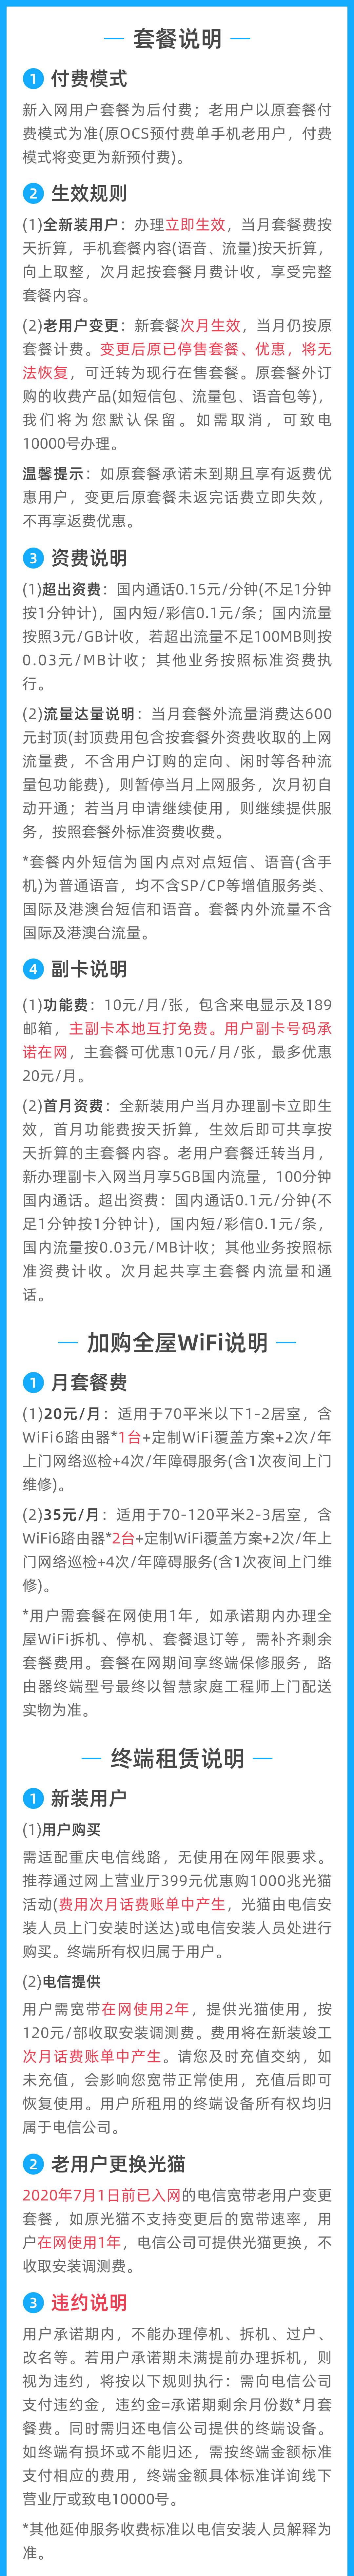 企业微信截图_16232281273106_01.jpg